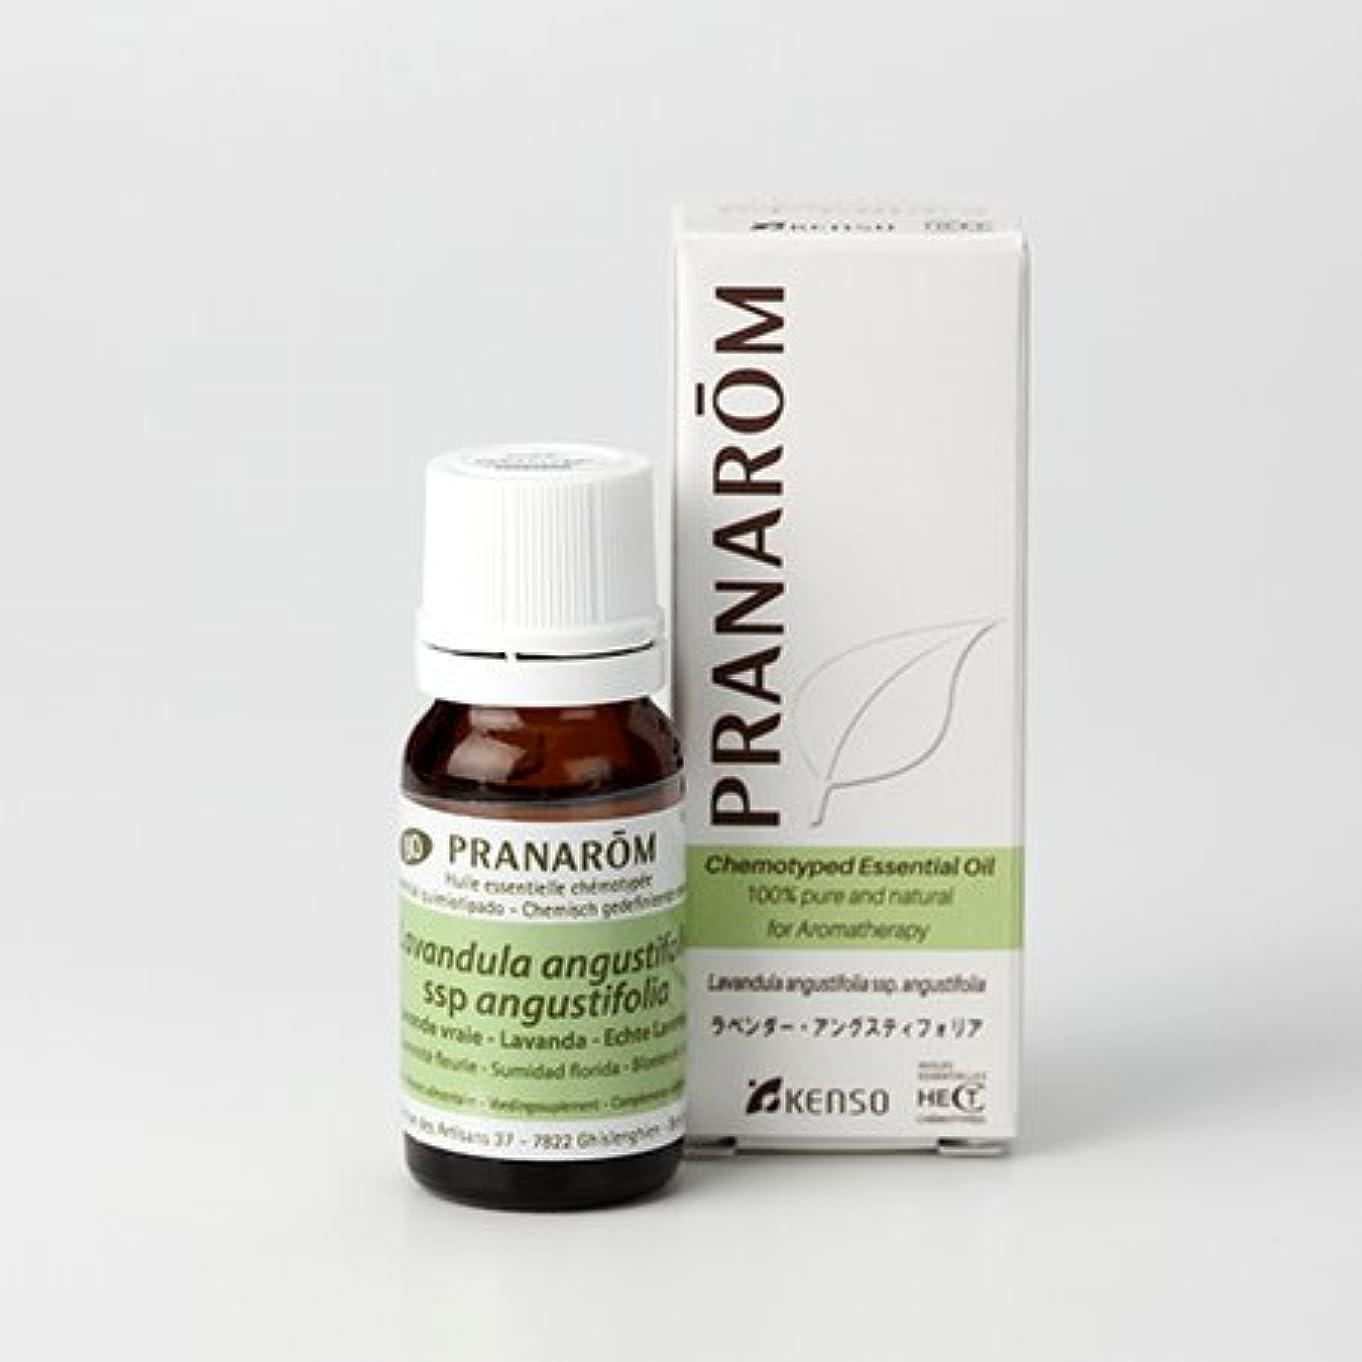 故意に絶えずくさびプラナロム精油(P-098 ラベンダーアングスティフォリア?10ml)